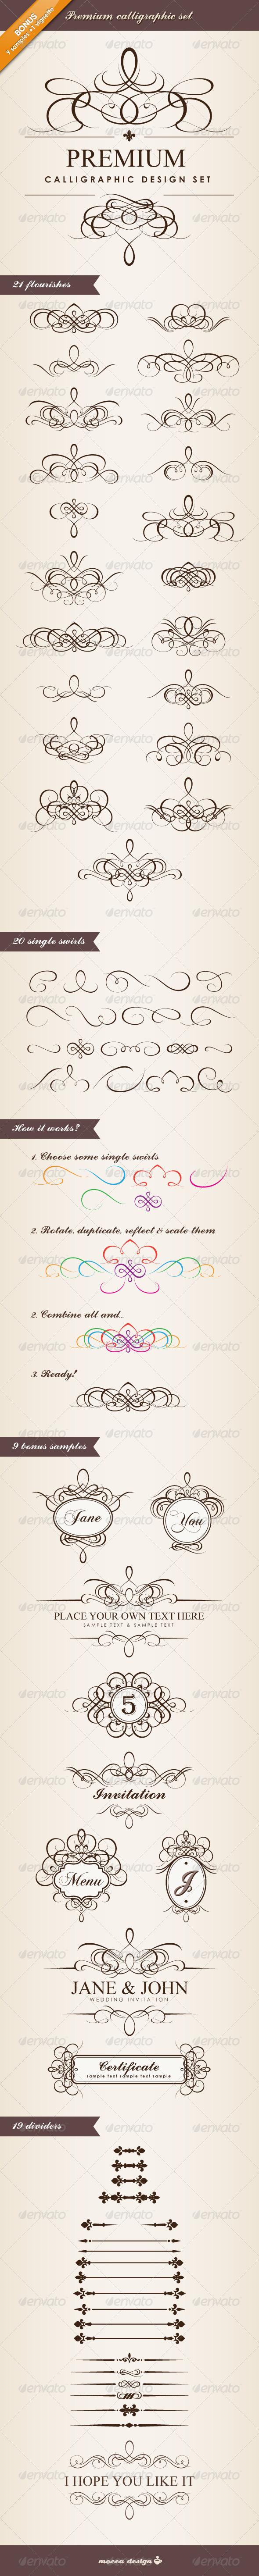 Premium Calligraphic Design Set - Flourishes / Swirls Decorative